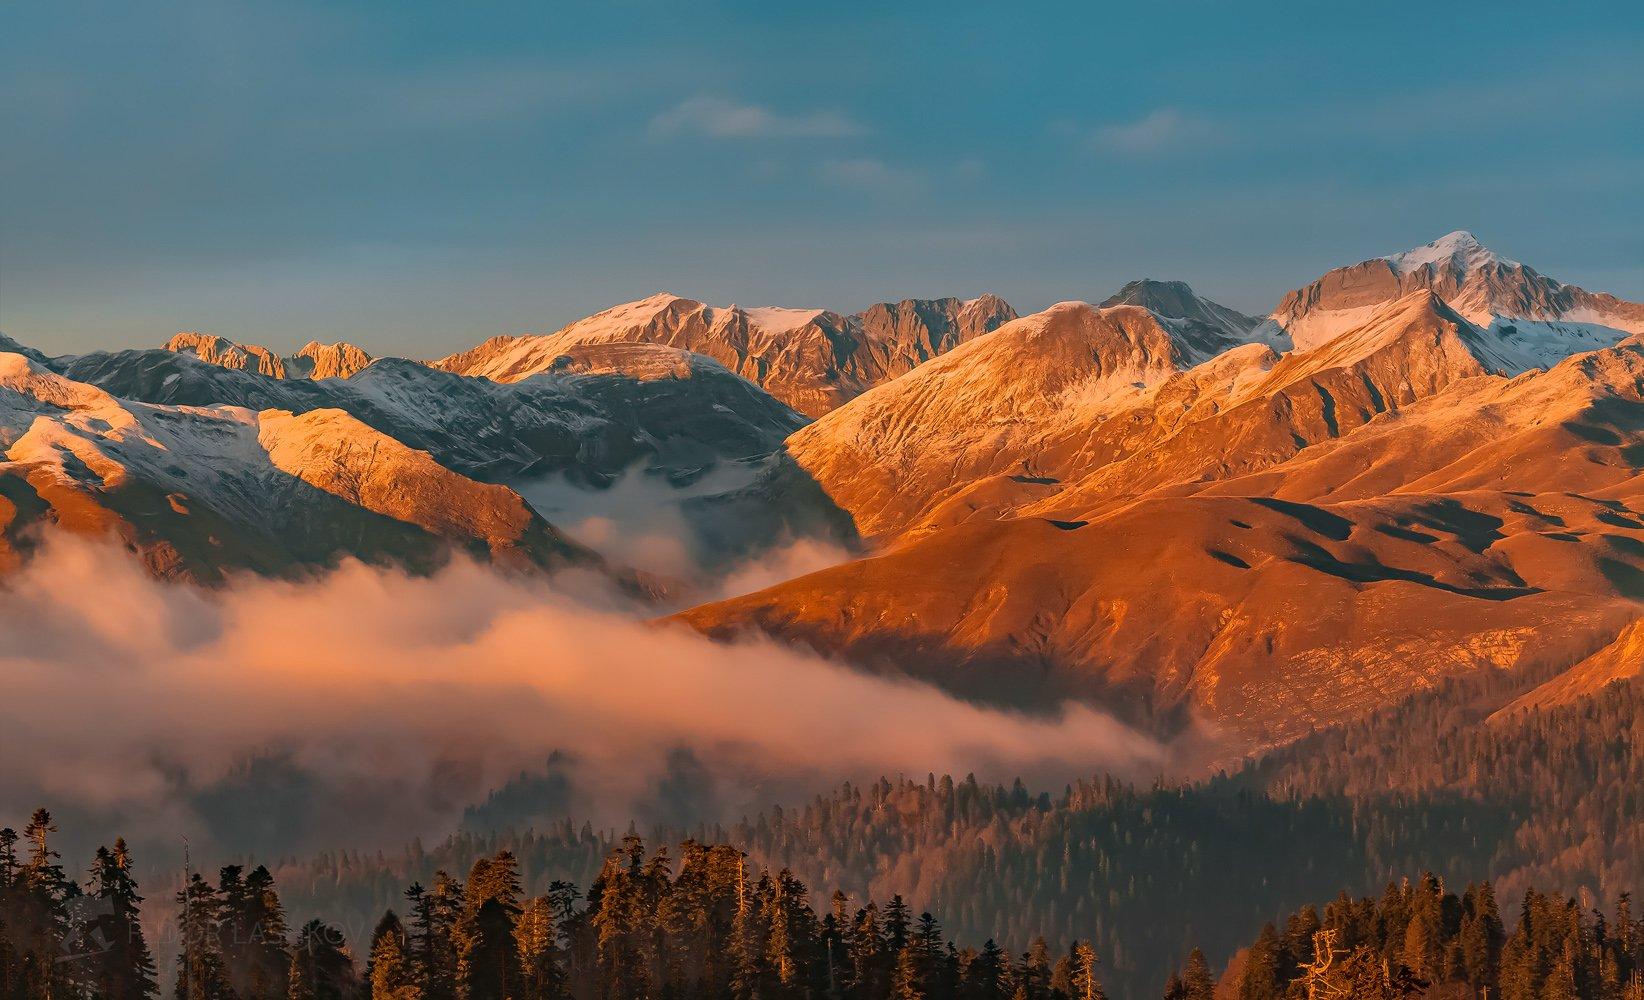 абхазия, фототур, путешествие, туризм, горы, осень, лес, туман, горы, в горах, осенний, хребет, аарба,, Лашков Фёдор